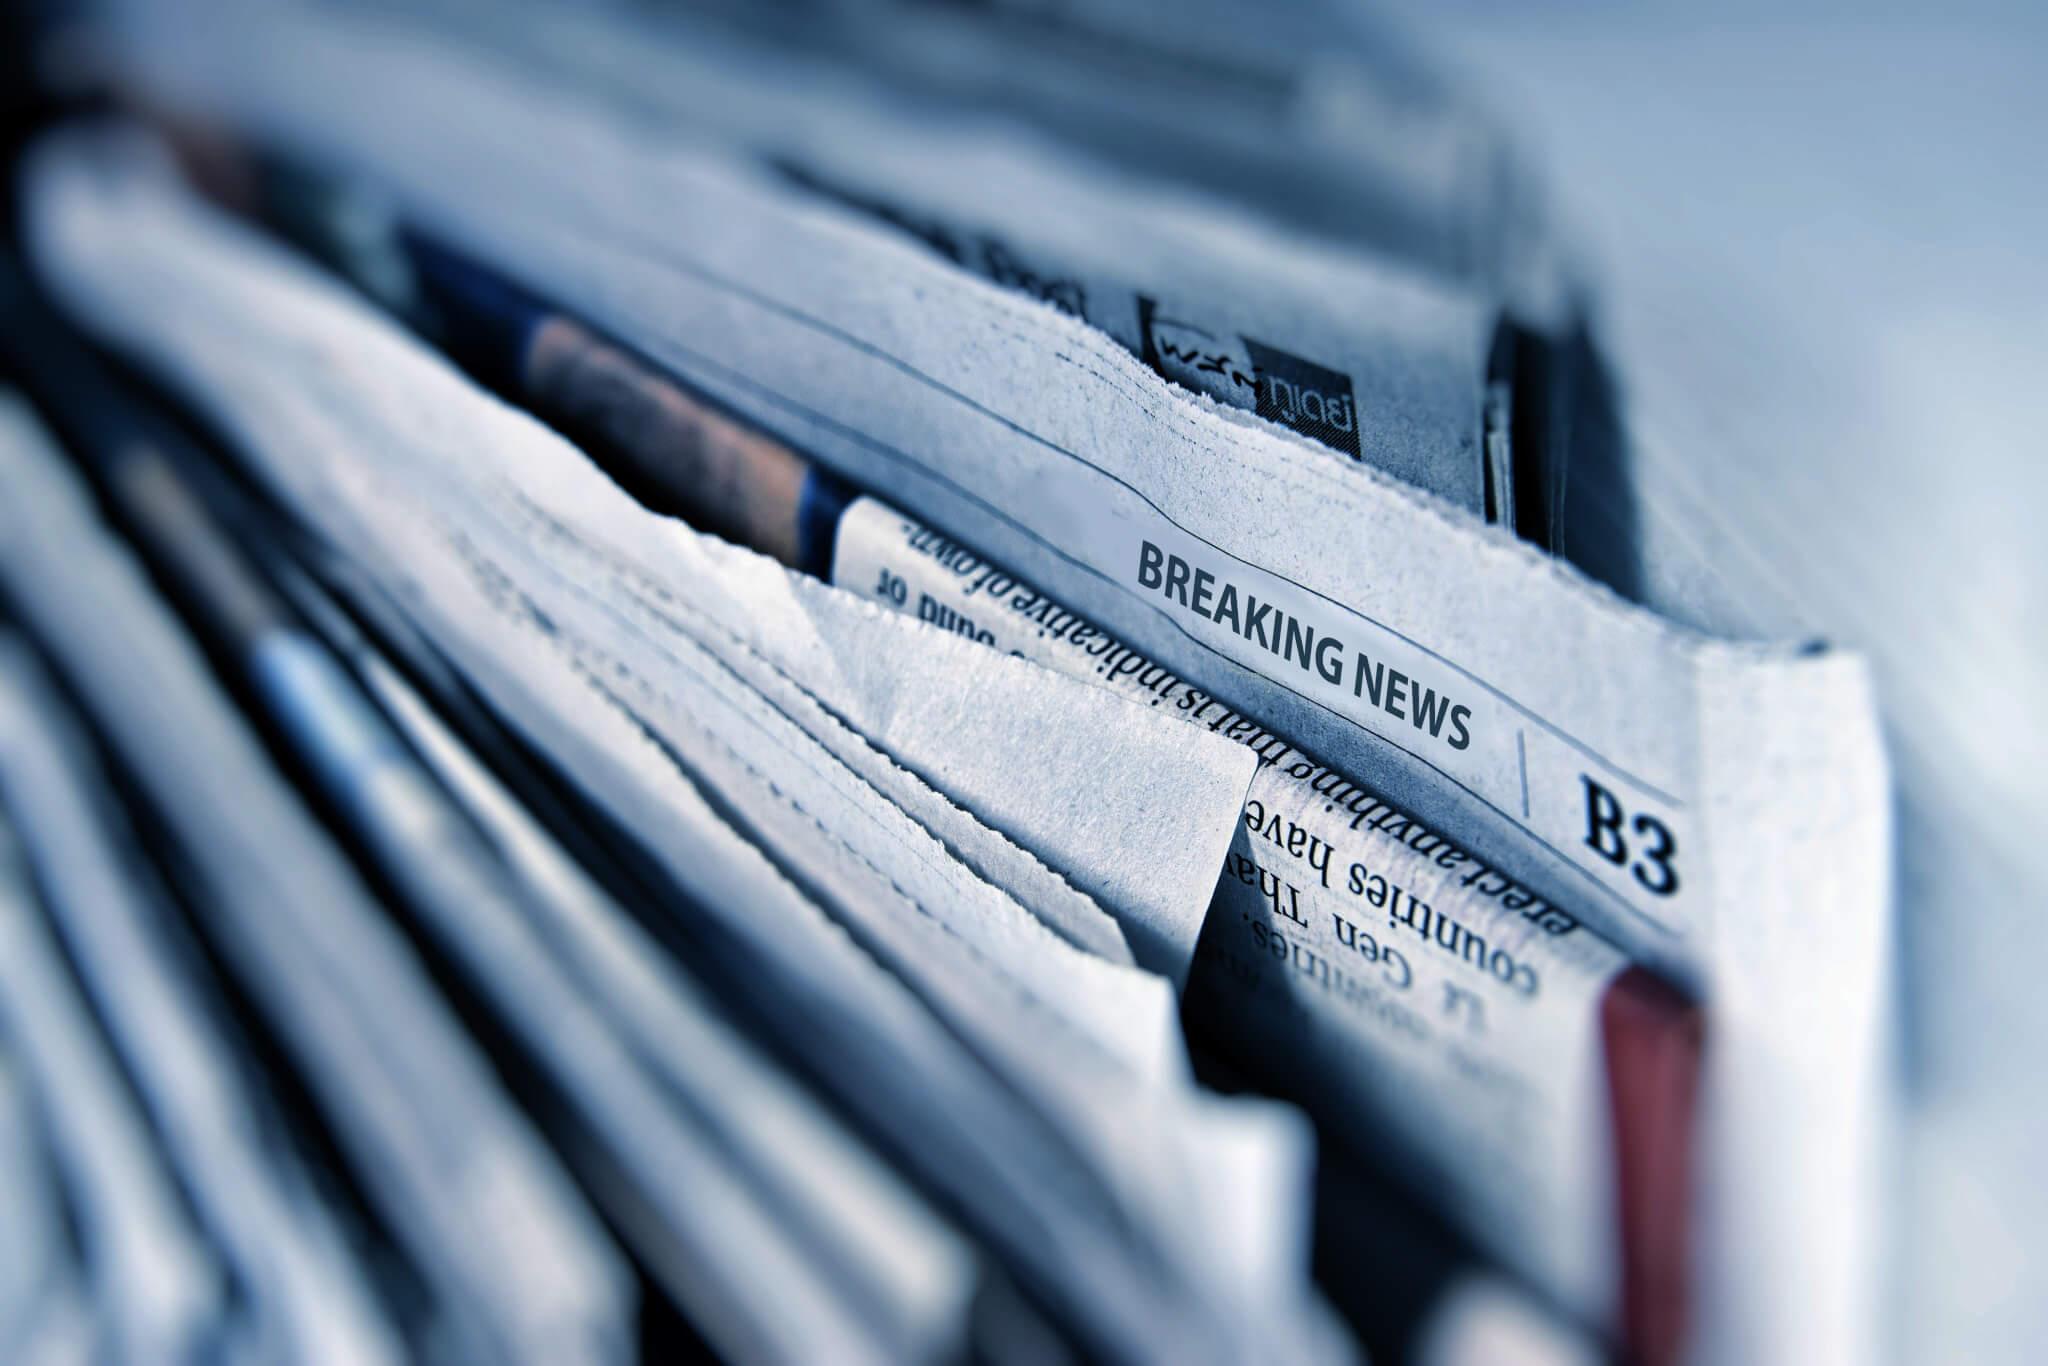 חשיפת קמפיין תקשורתי להכפשת מוניטין בנק אירופאי